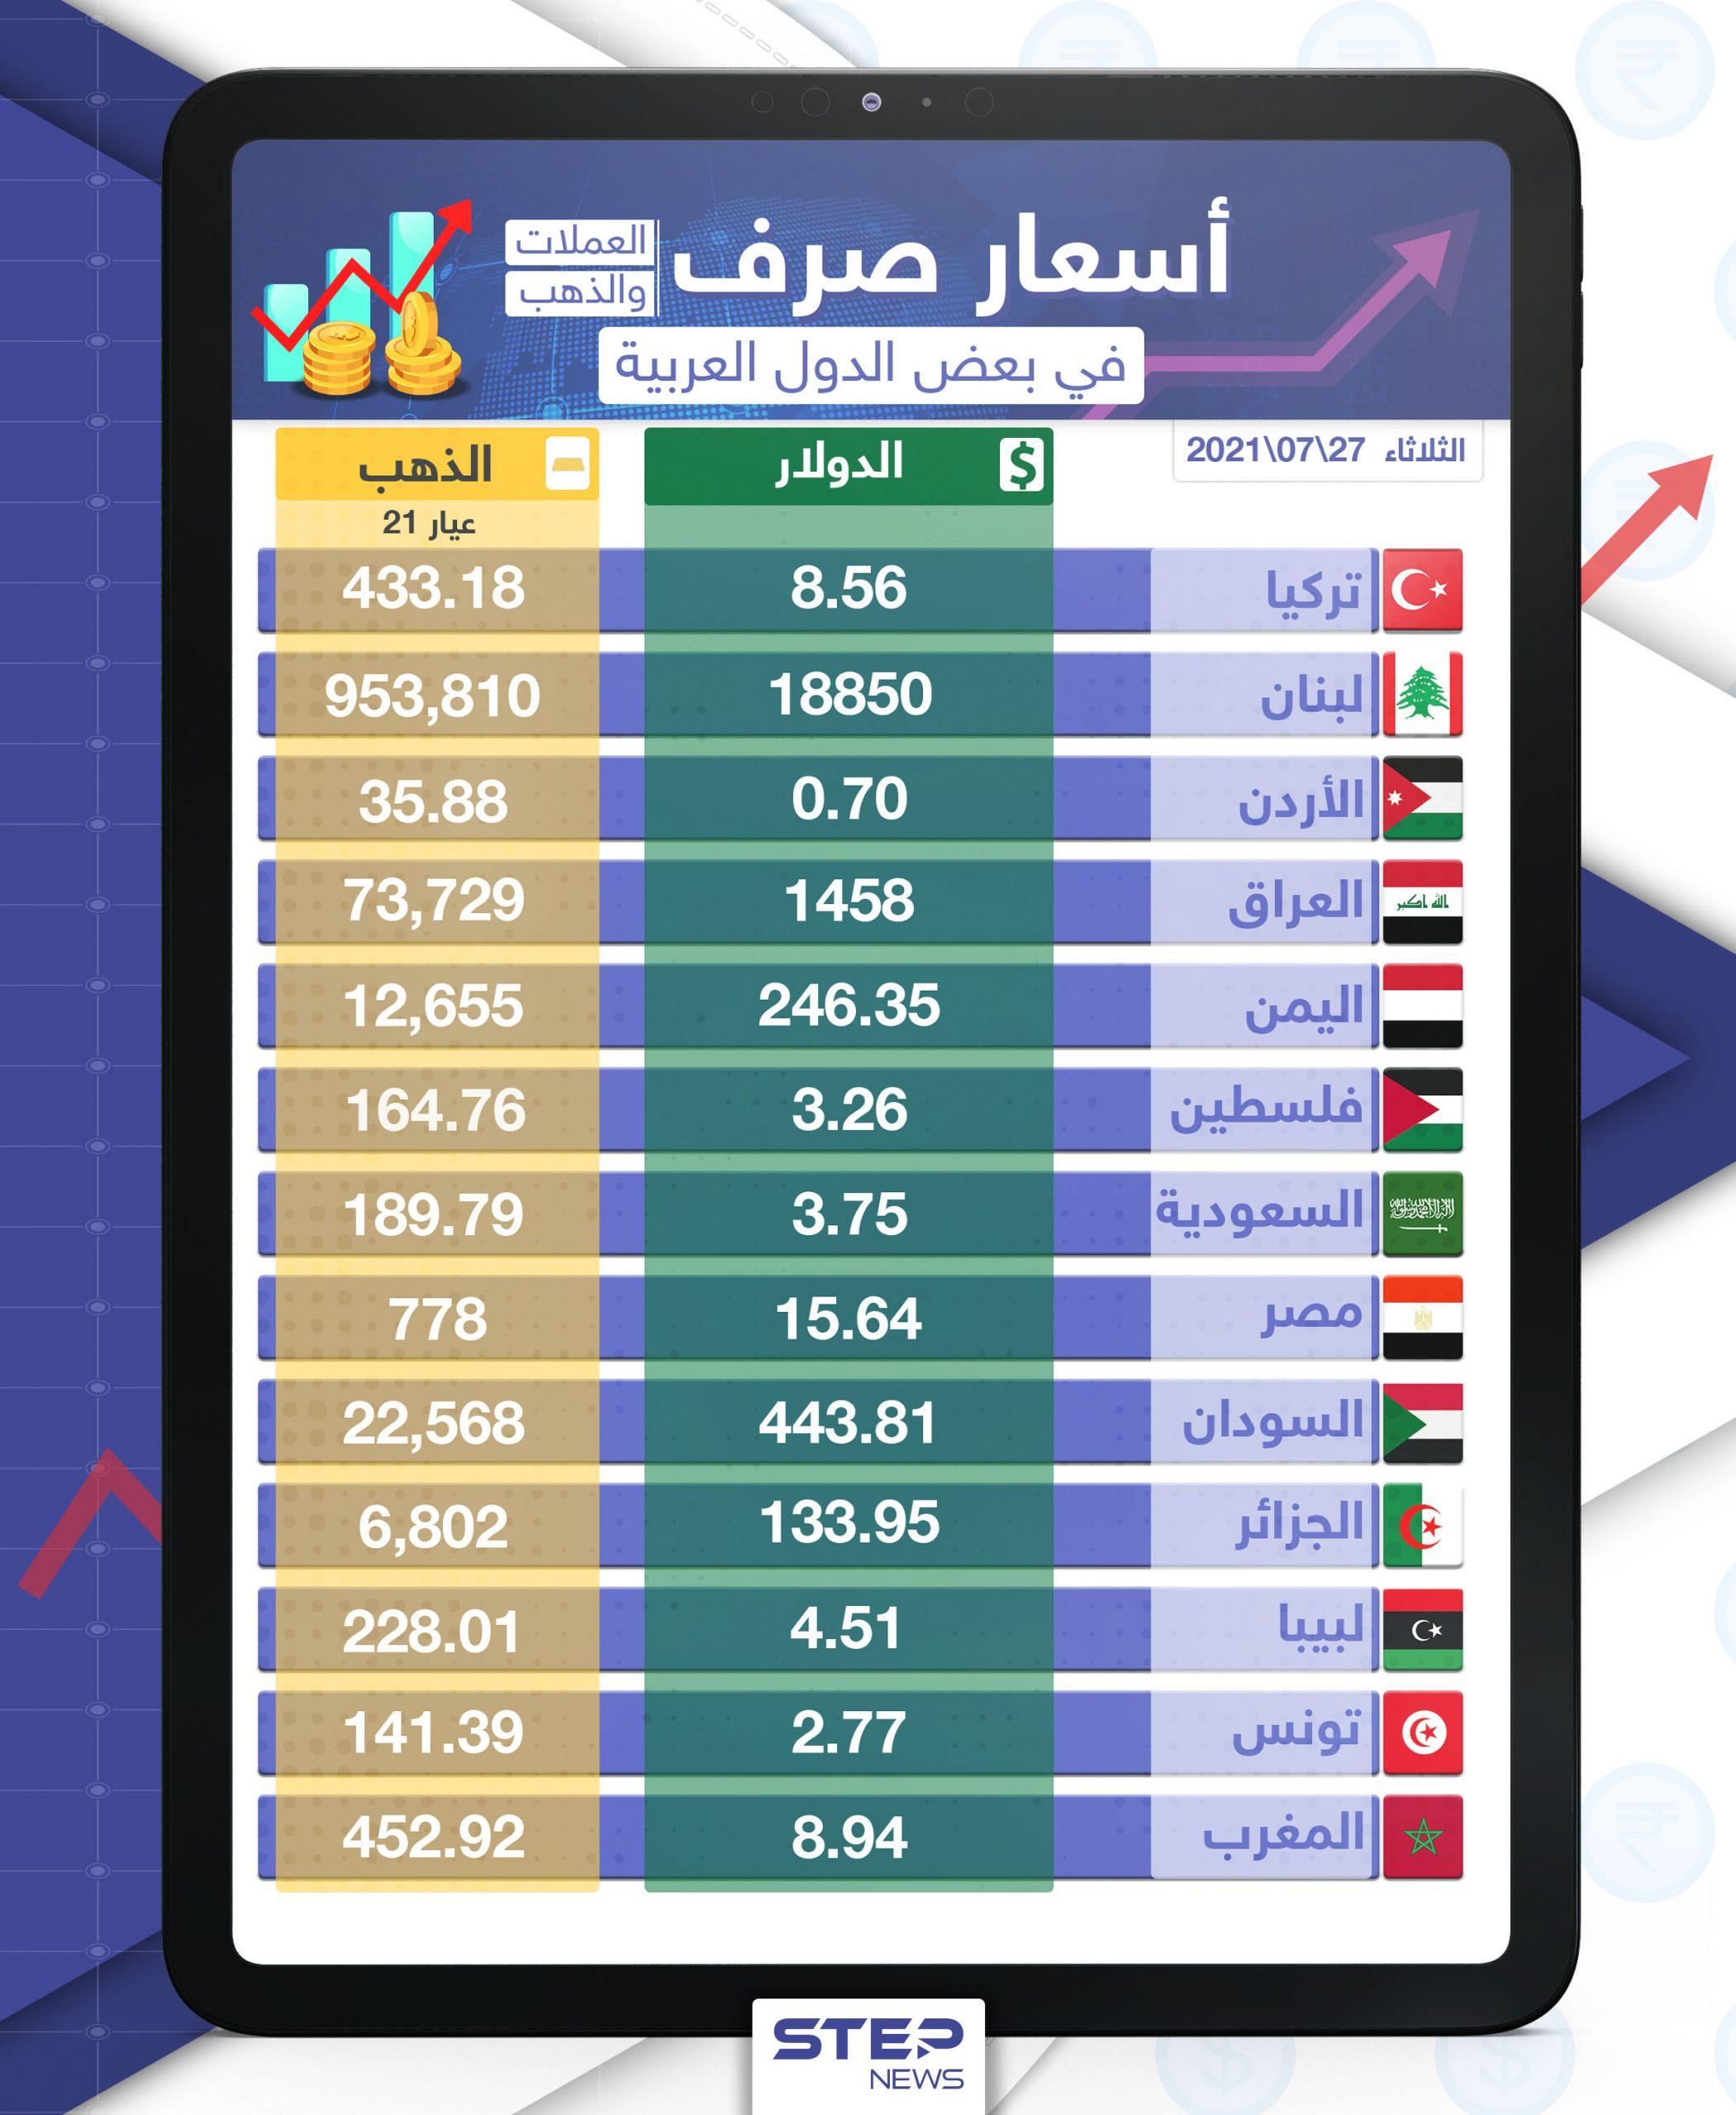 أسعار الذهب والعملات للدول العربية وتركيا اليوم الثلاثاء الموافق 27 تموز 2021